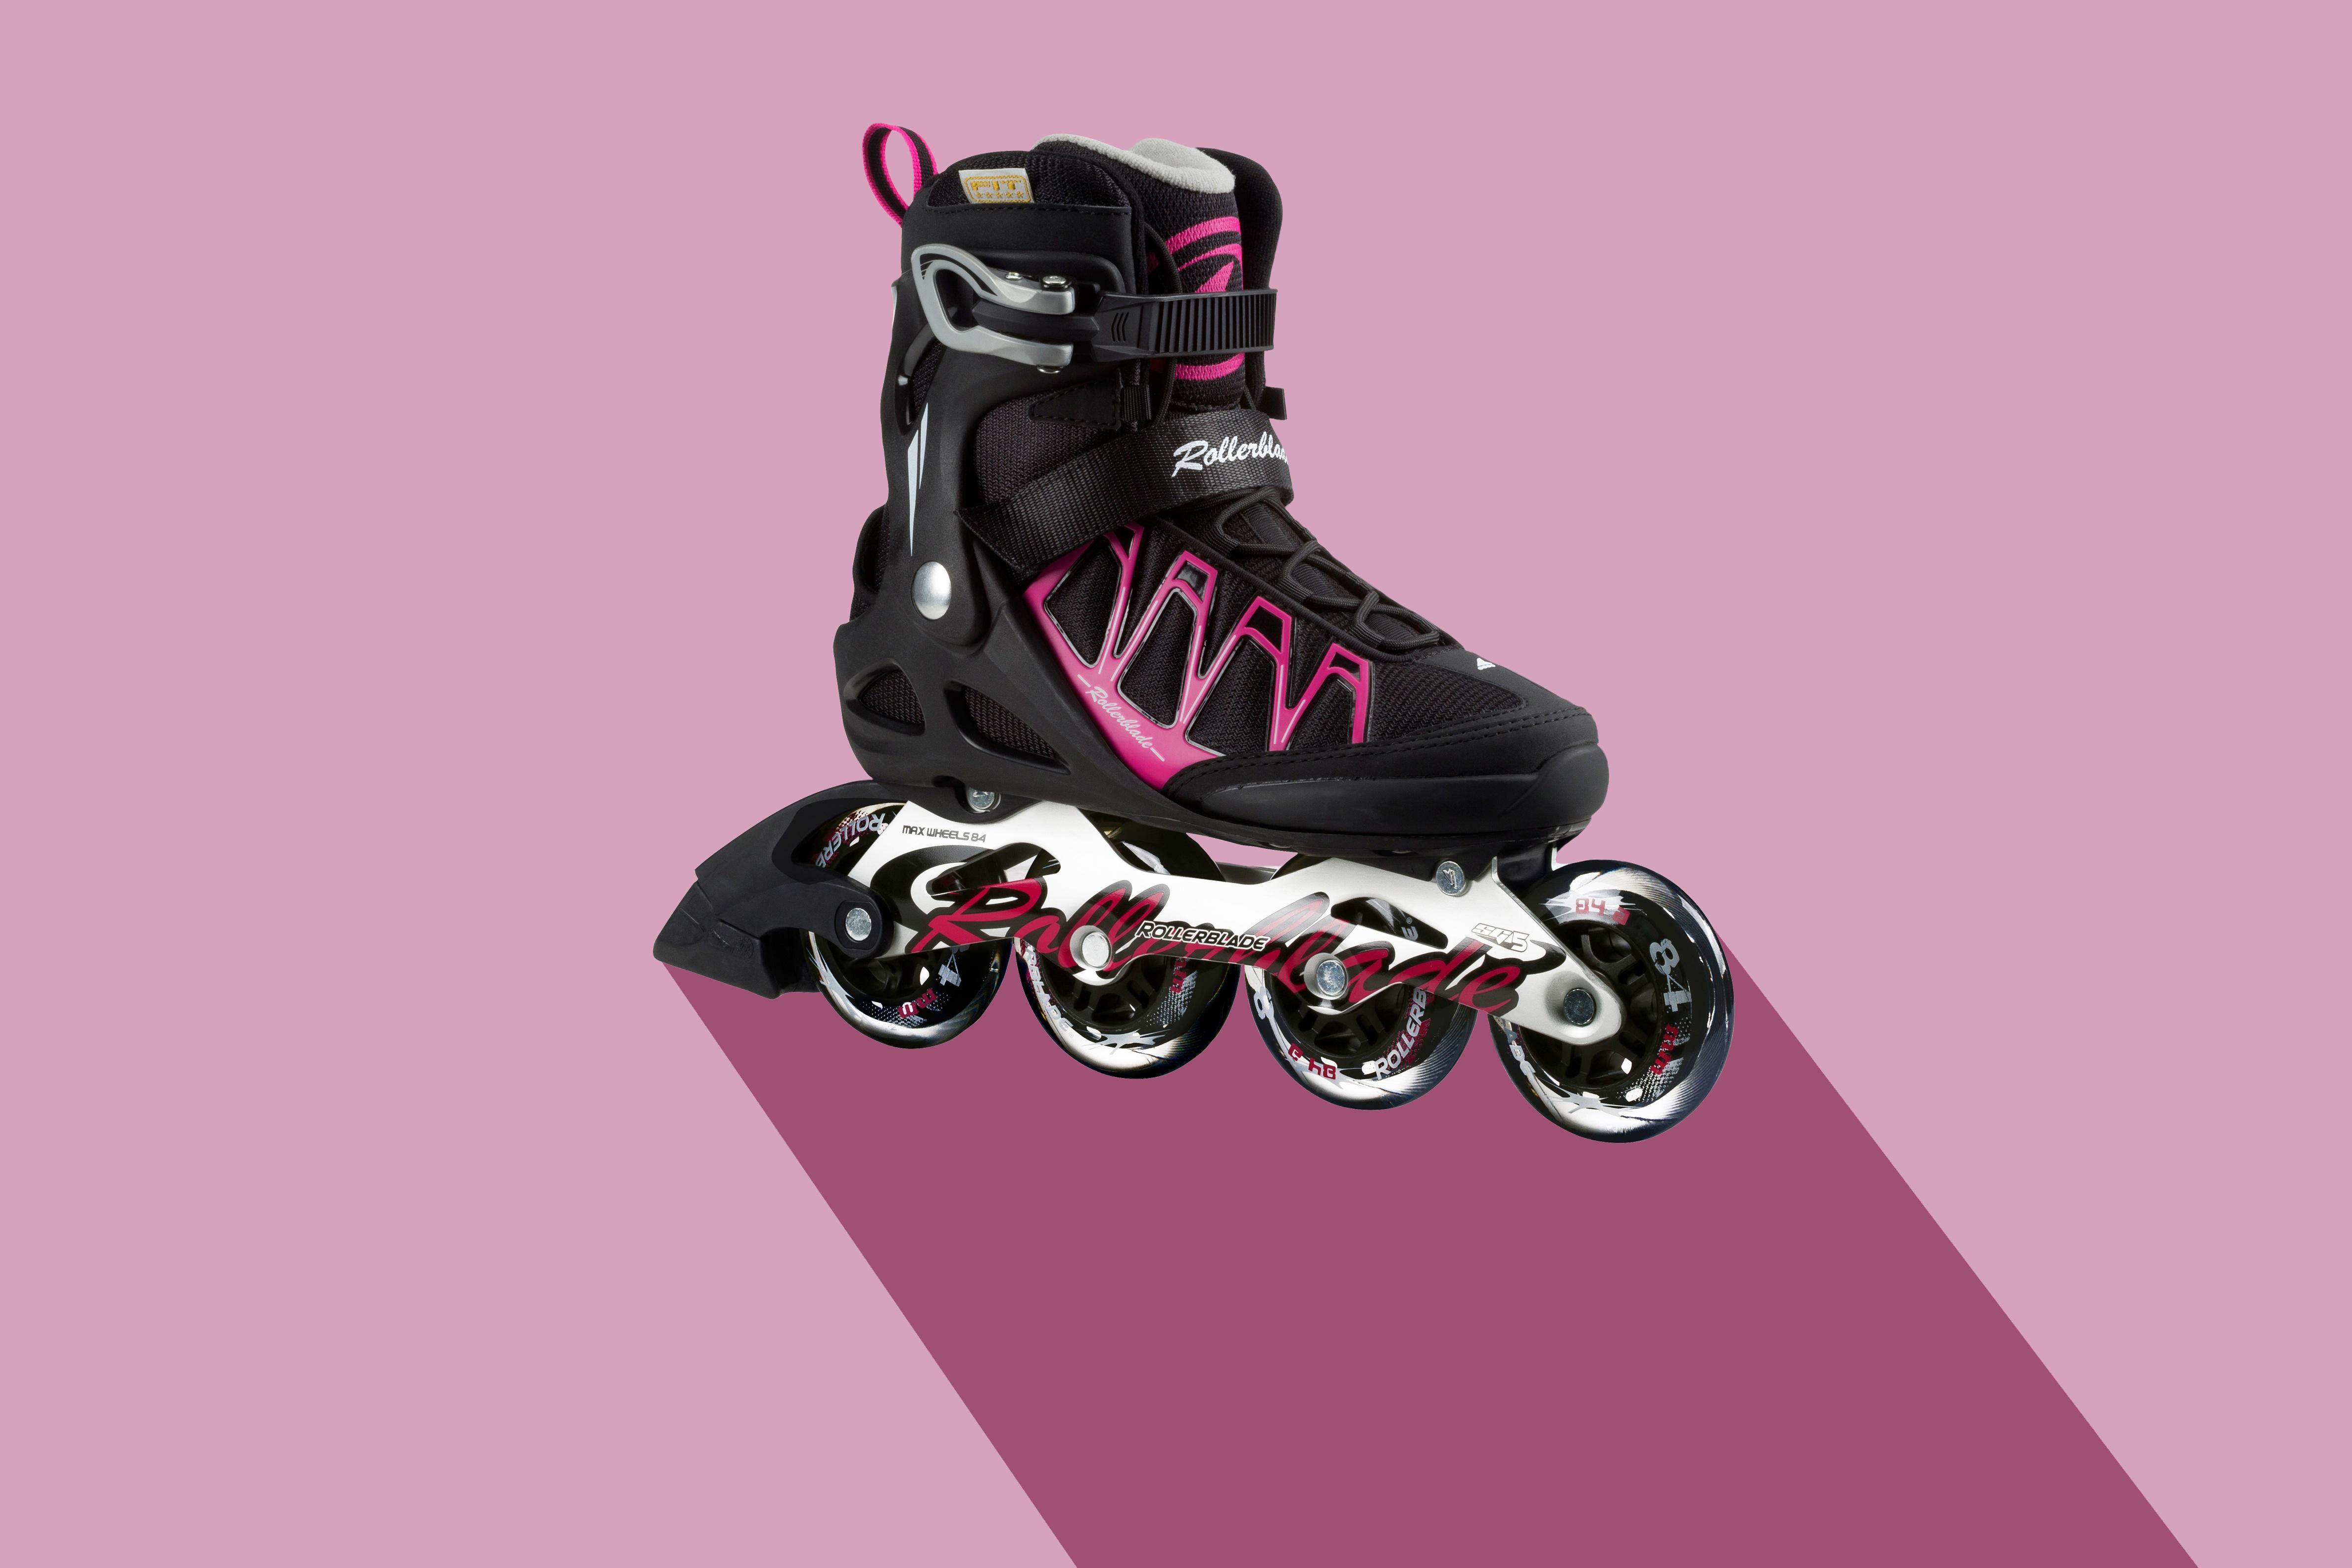 55a69e87e67 ... sports equipment, sporty, illustration, violet, footwear, roll, active,  bless you, sport shoe, roller skates, flat design, inline skate, roller  blading, ...